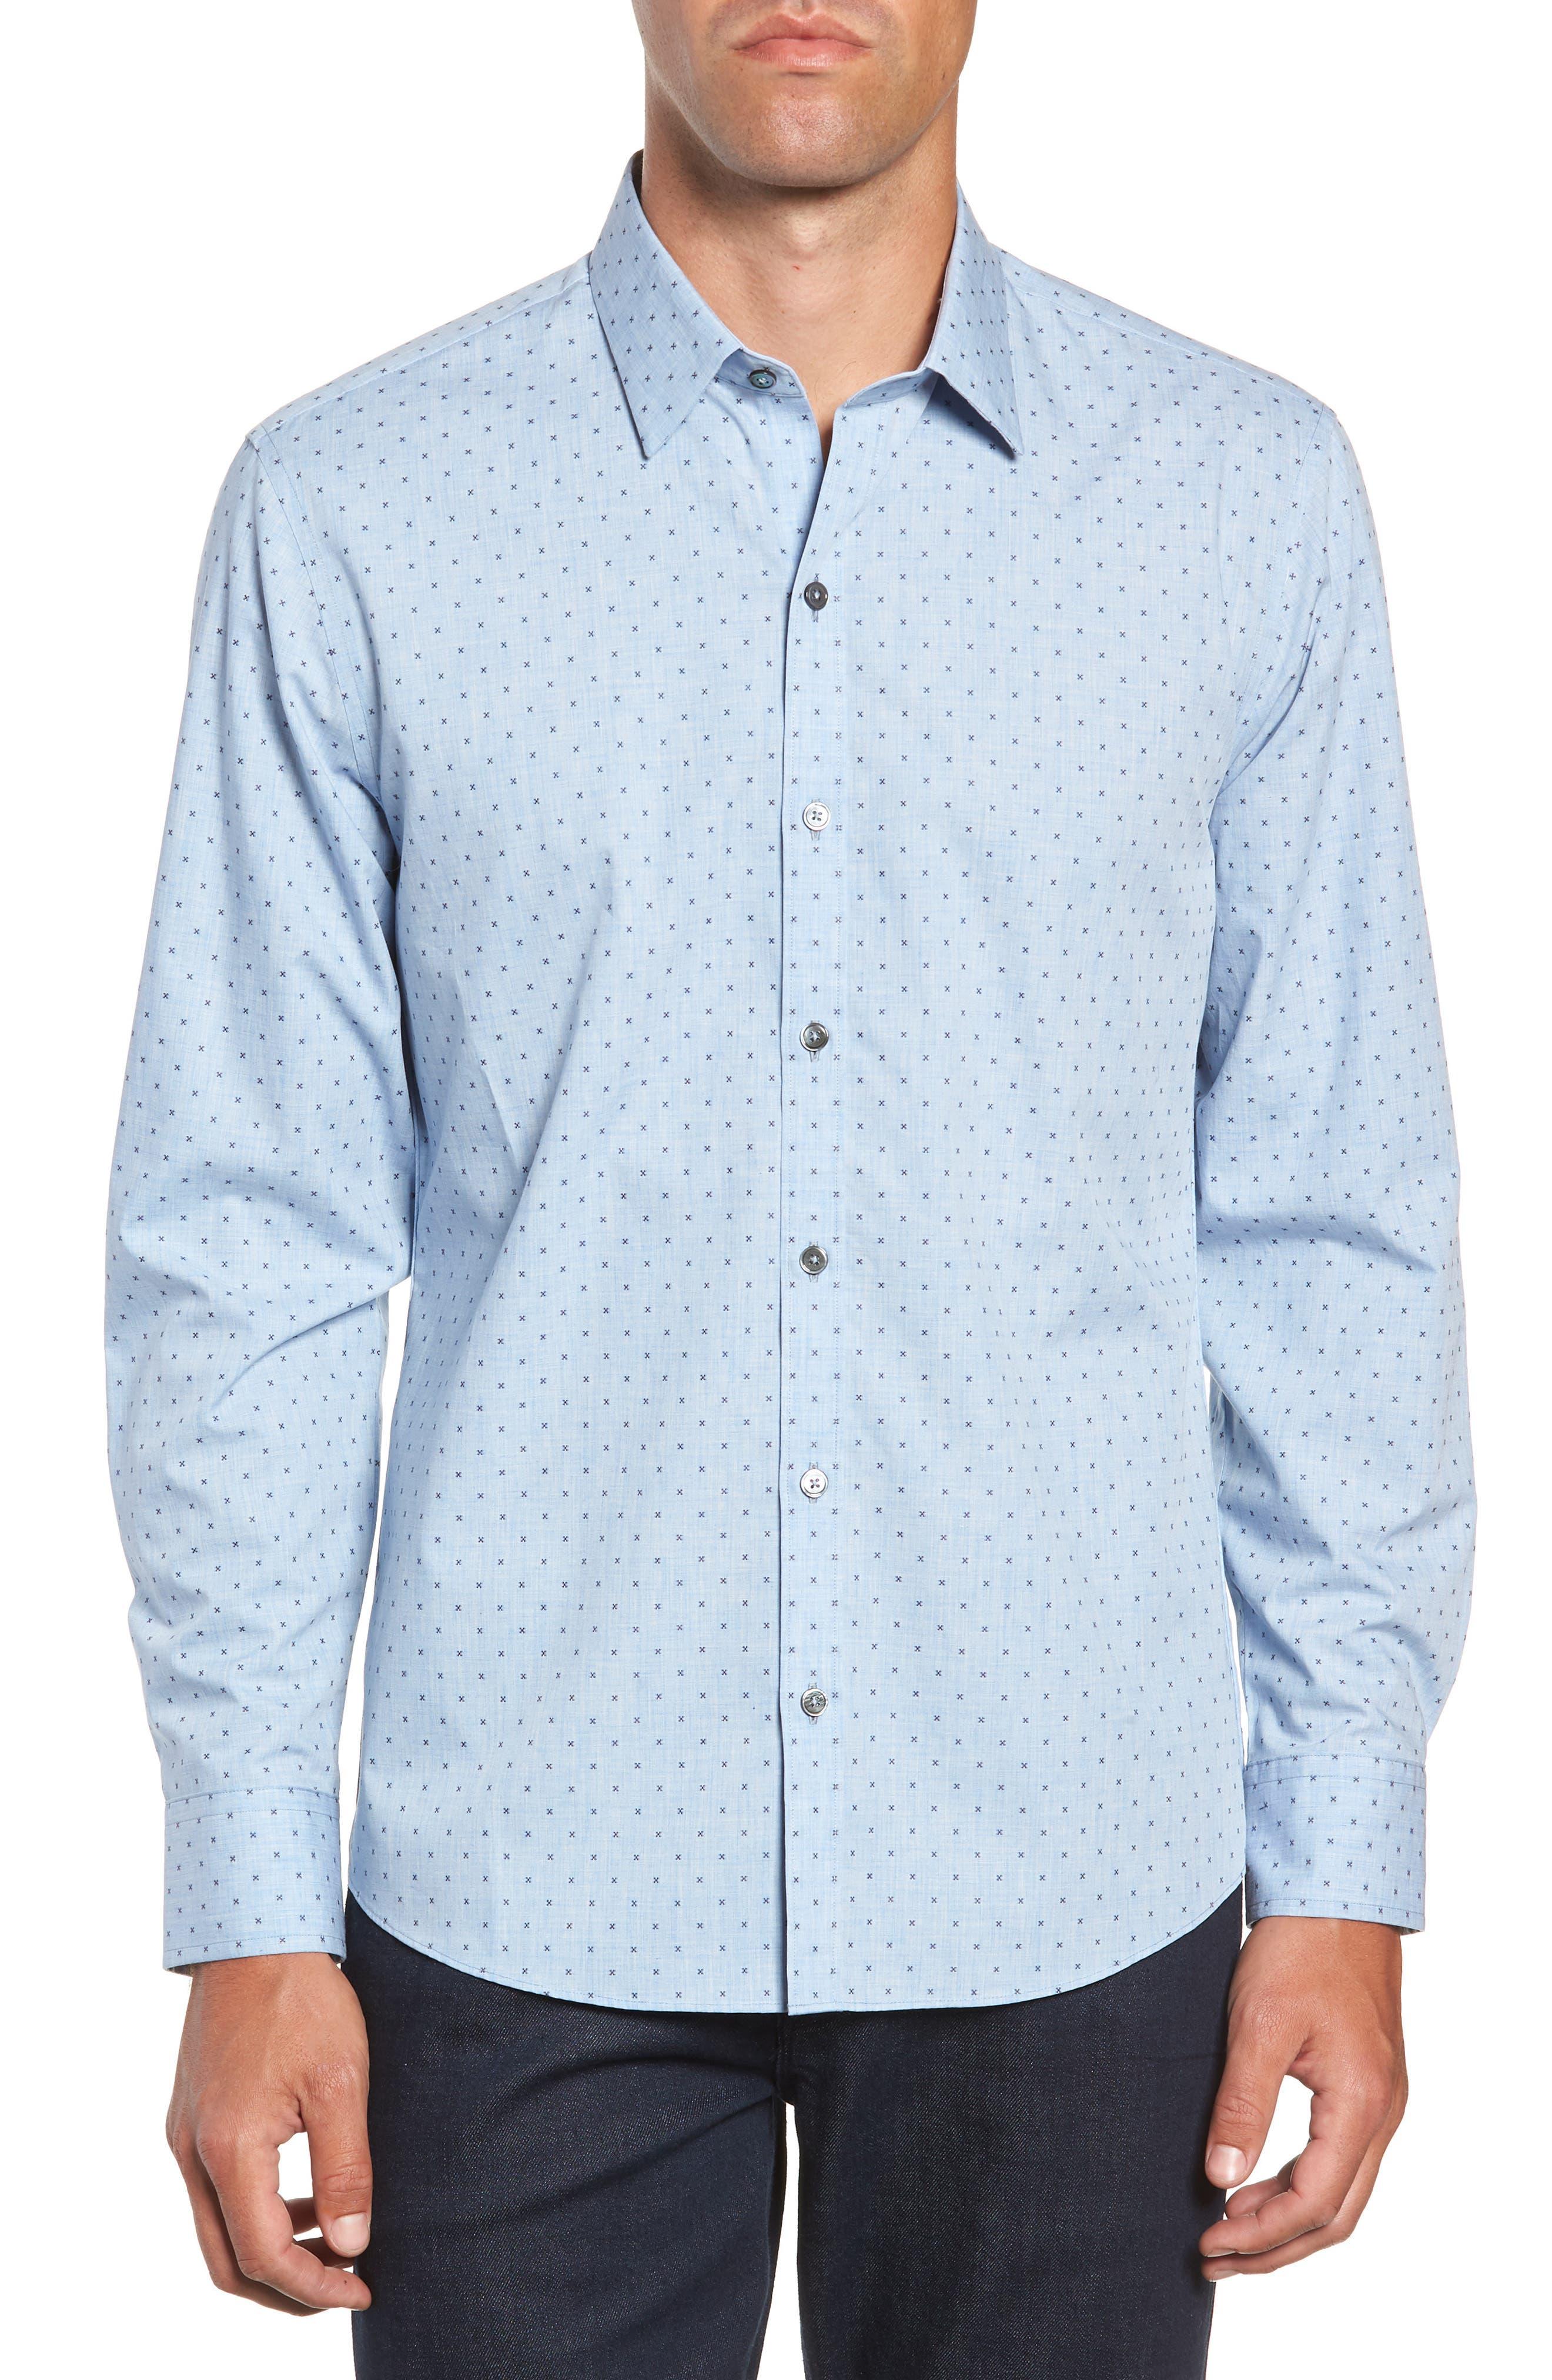 Zhang Regular Fit Sport Shirt,                             Main thumbnail 1, color,                             LIGHT BLUE